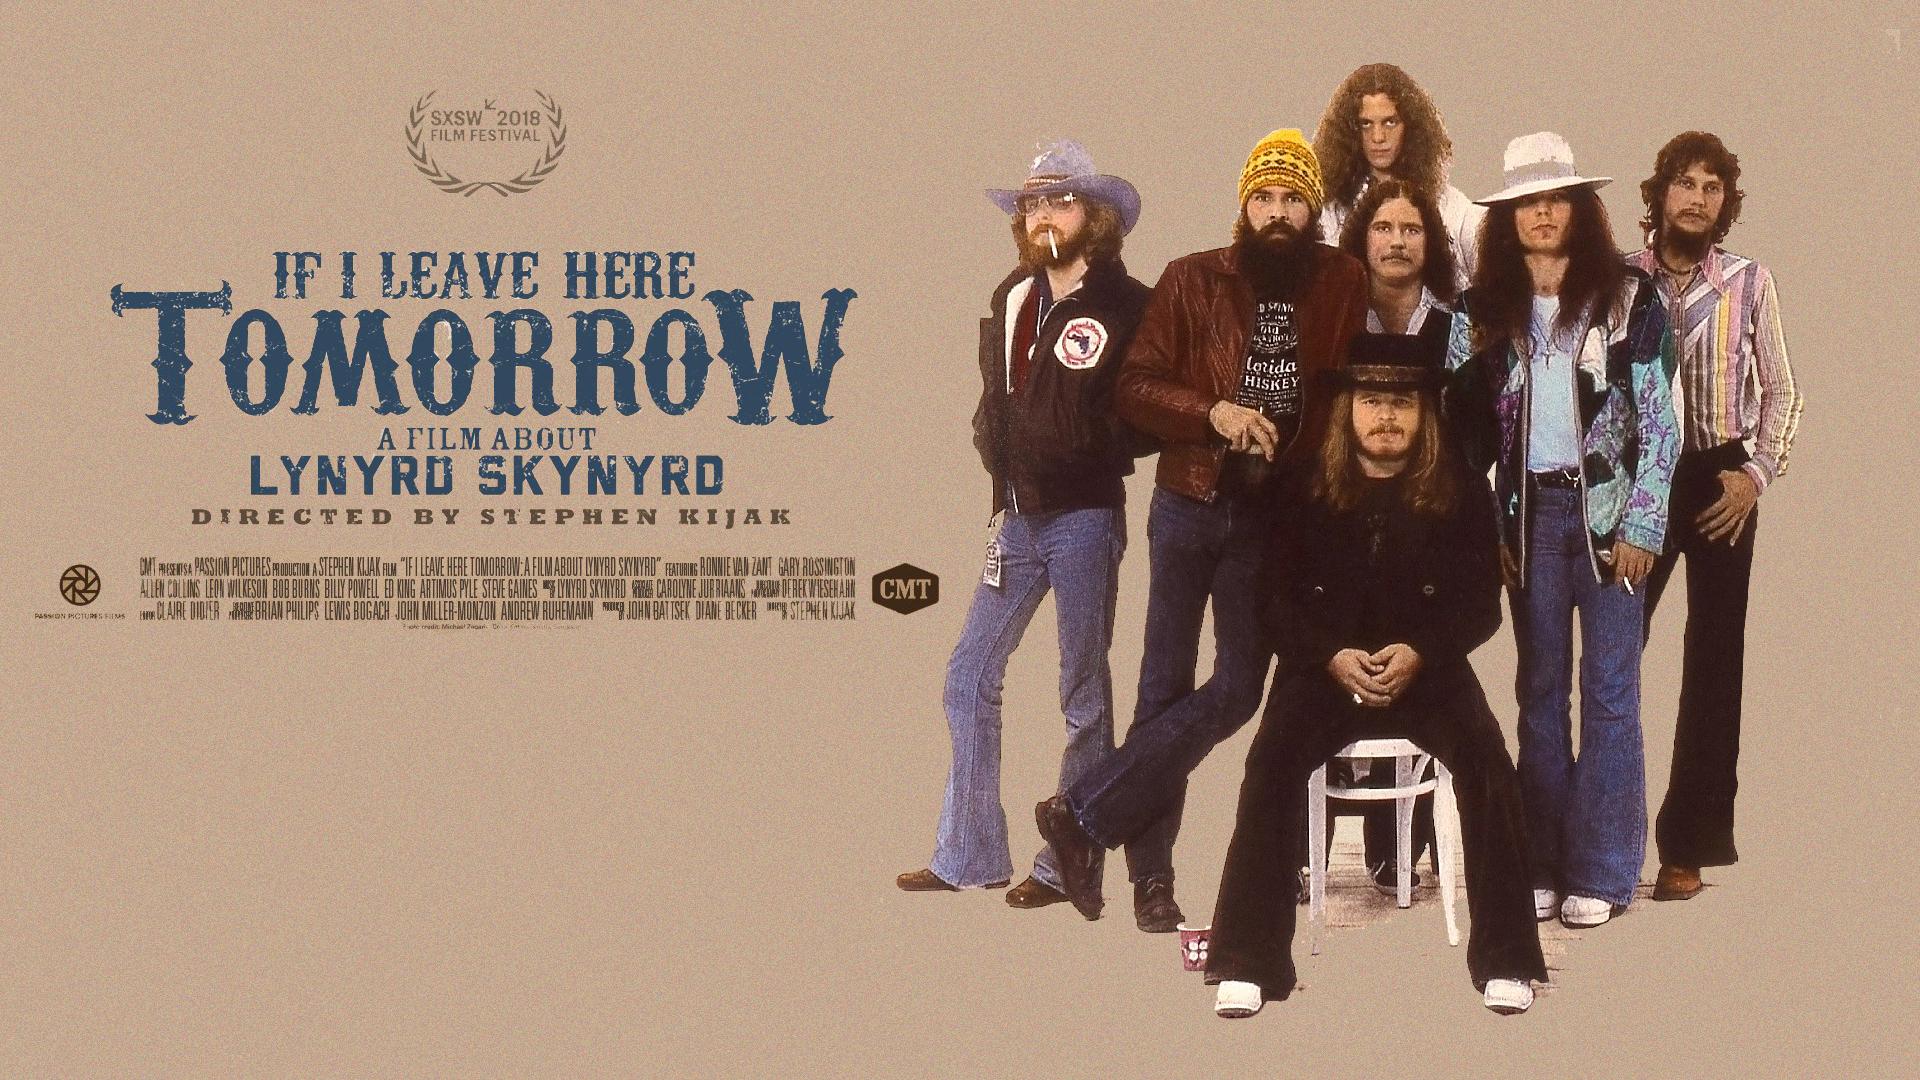 Lynyrd Skynyrd - If I Leave Here Tomorrow